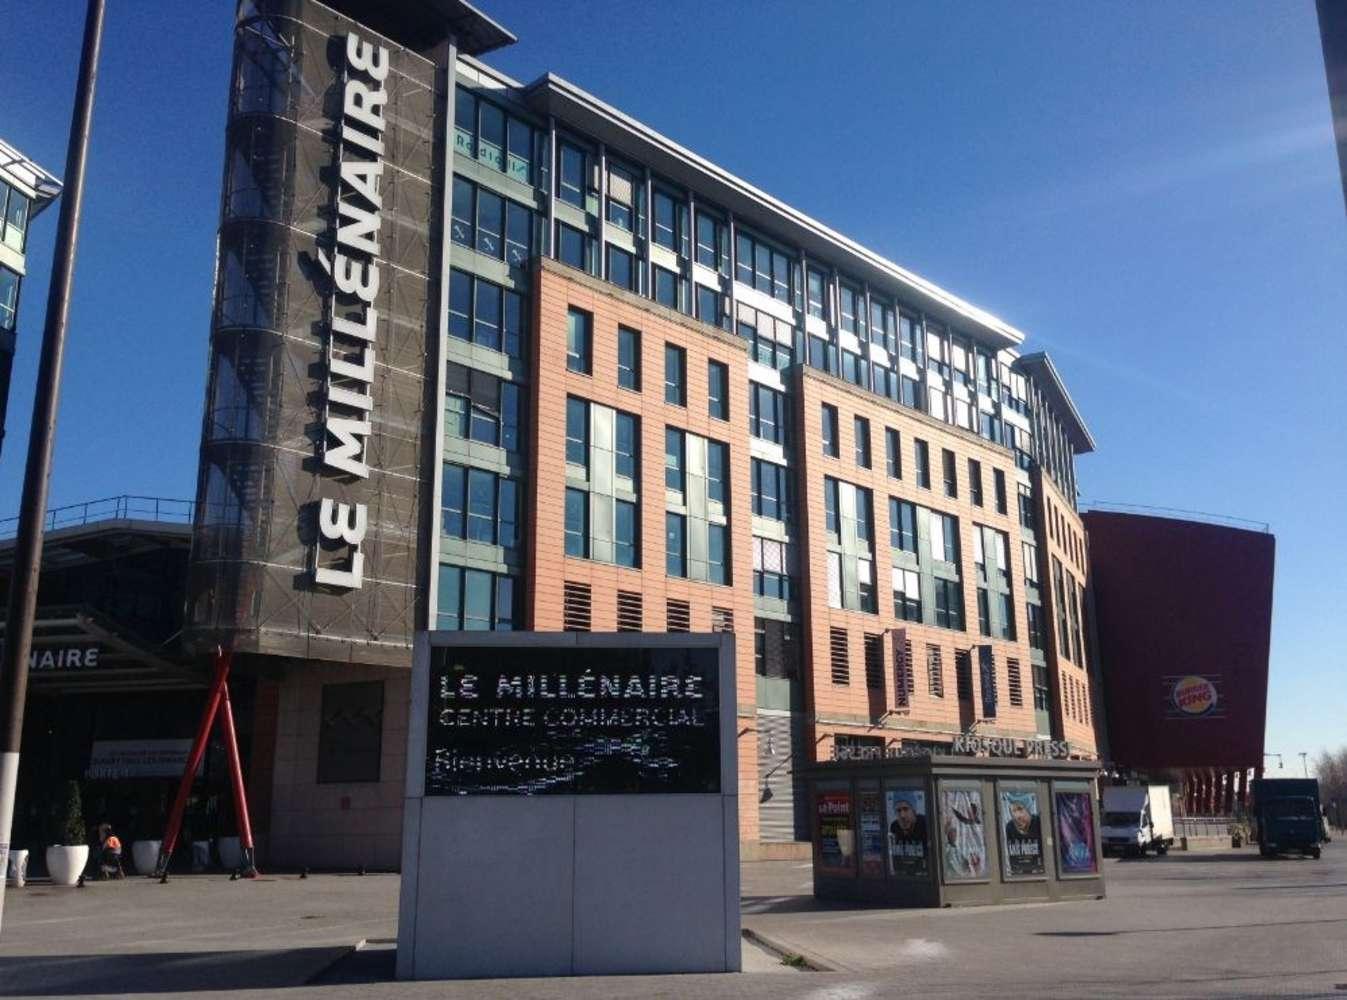 Activités/entrepôt Aubervilliers, 93300 - PARC DES PORTES DE PARIS - BAT. 211 - 9459476